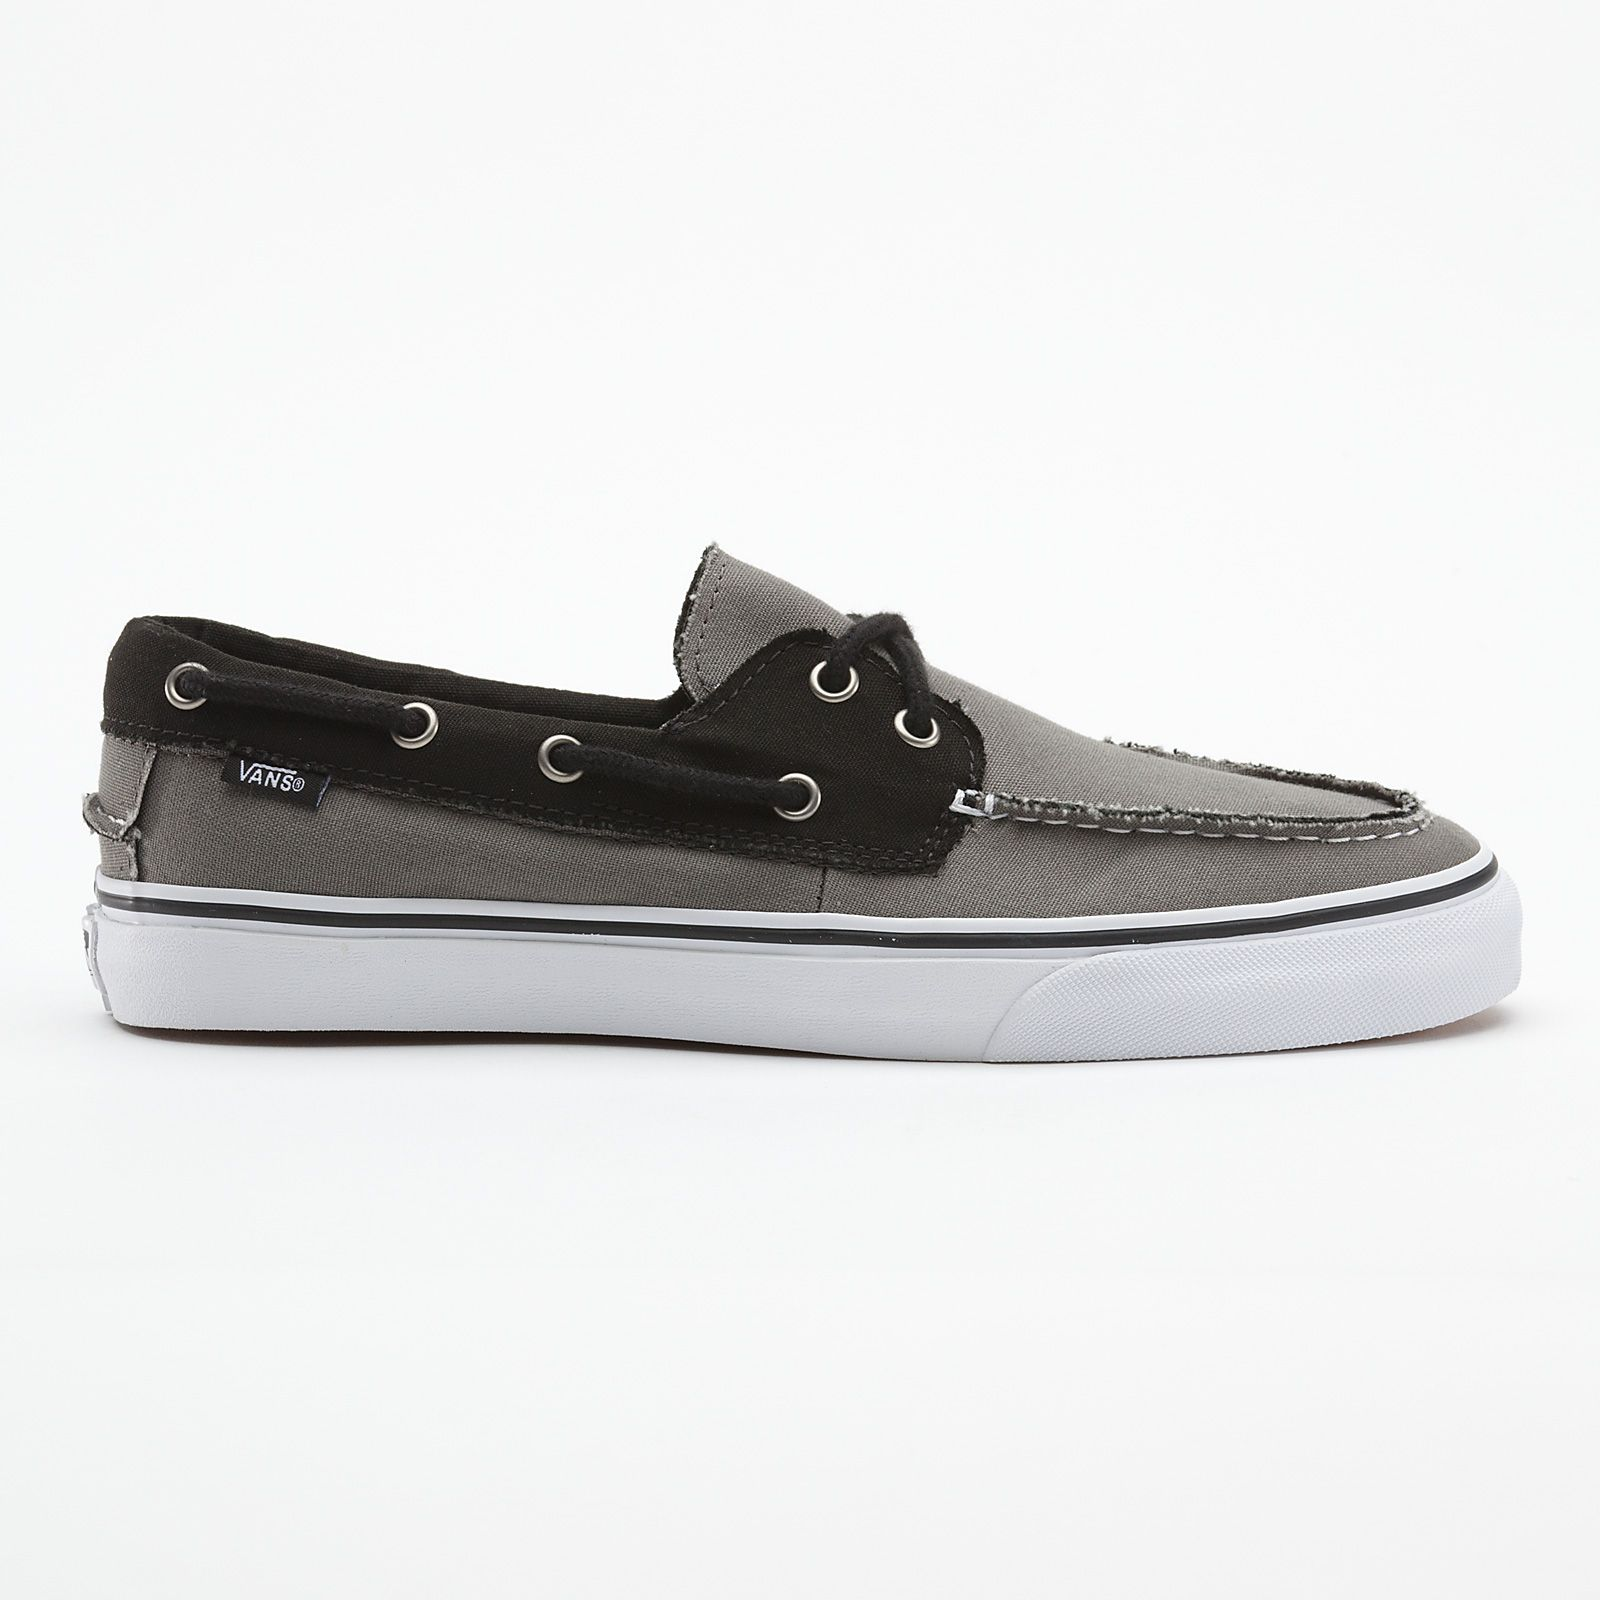 vans herringbone zapatos del barco